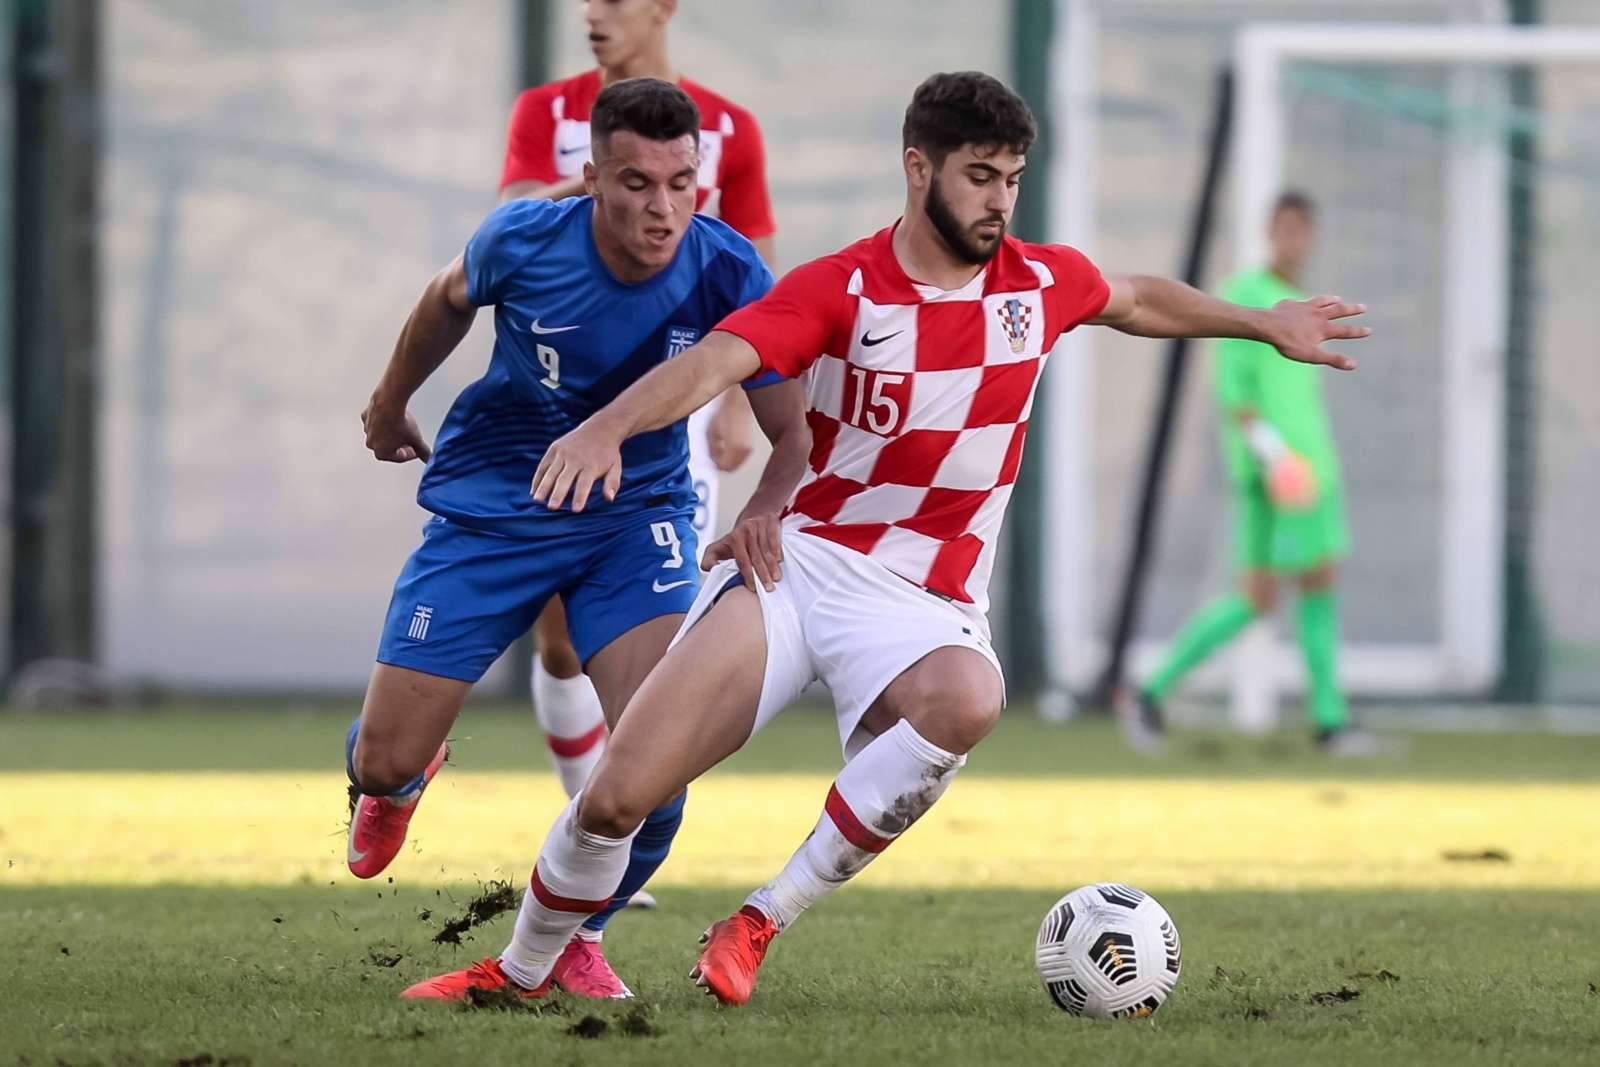 В составе сборной Хорватии произошла замена перед началом матча с Россией